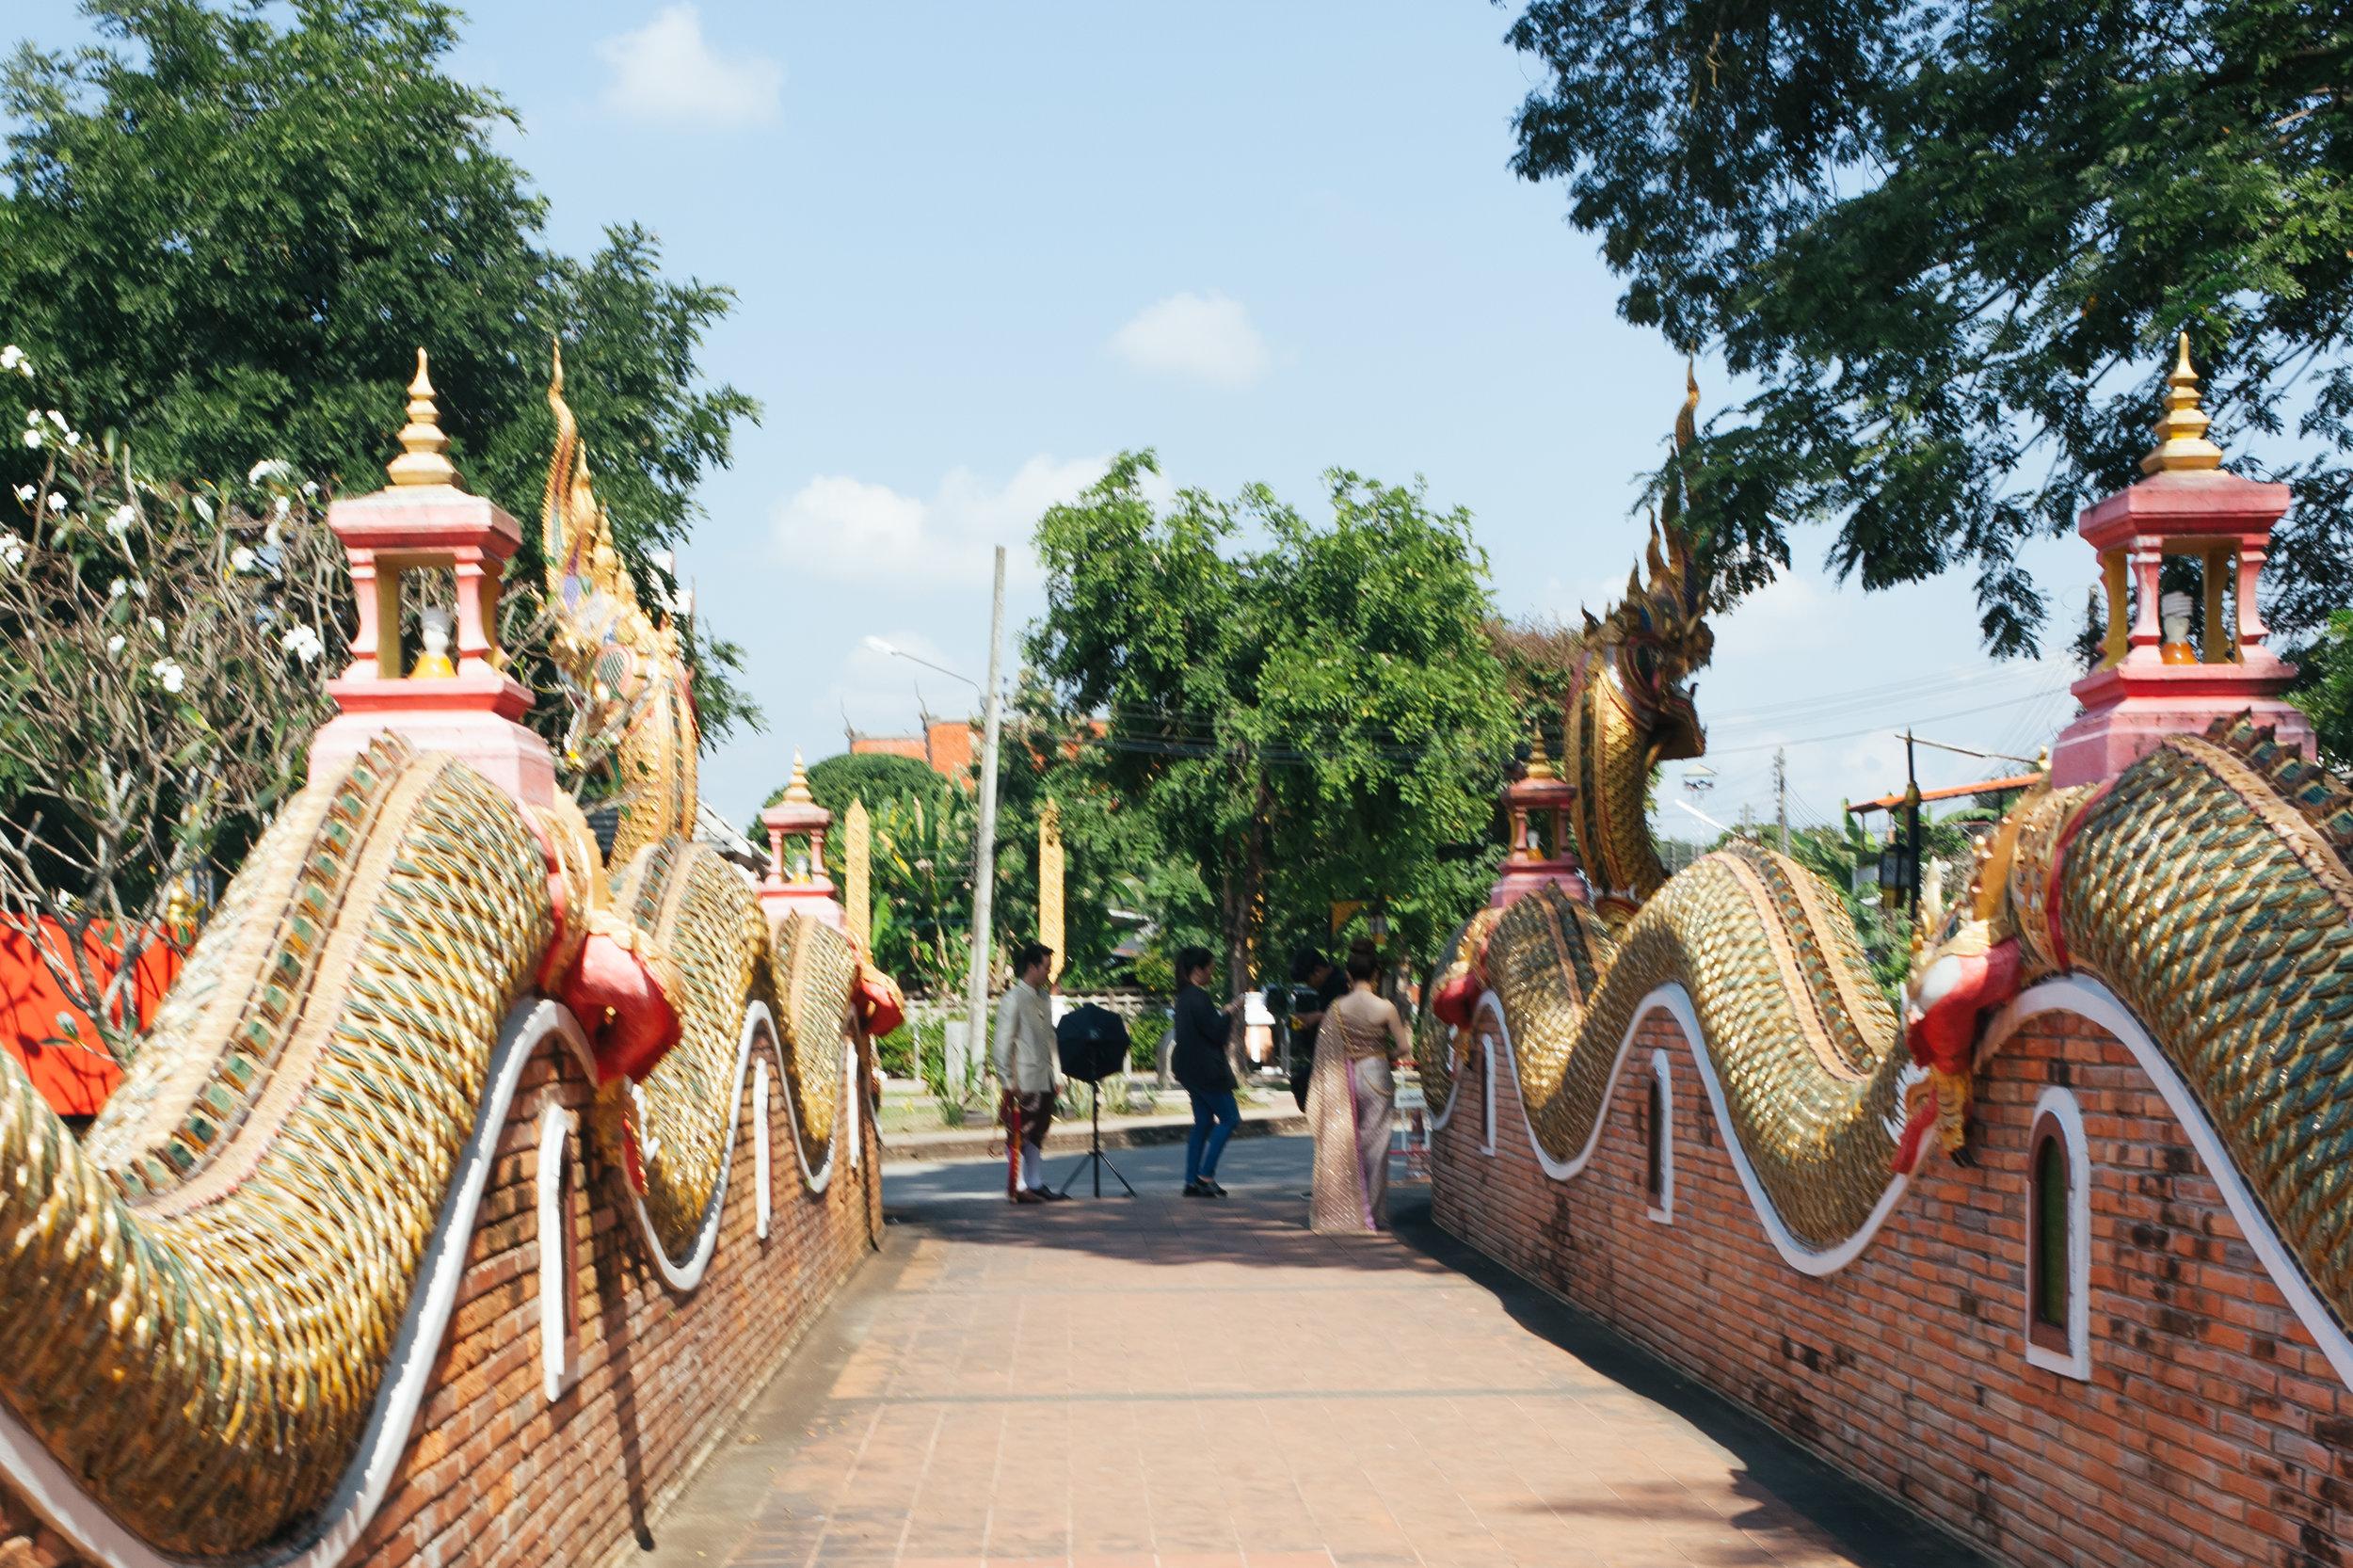 thailand_lampang_ayuthaya_train (3 of 77).jpg